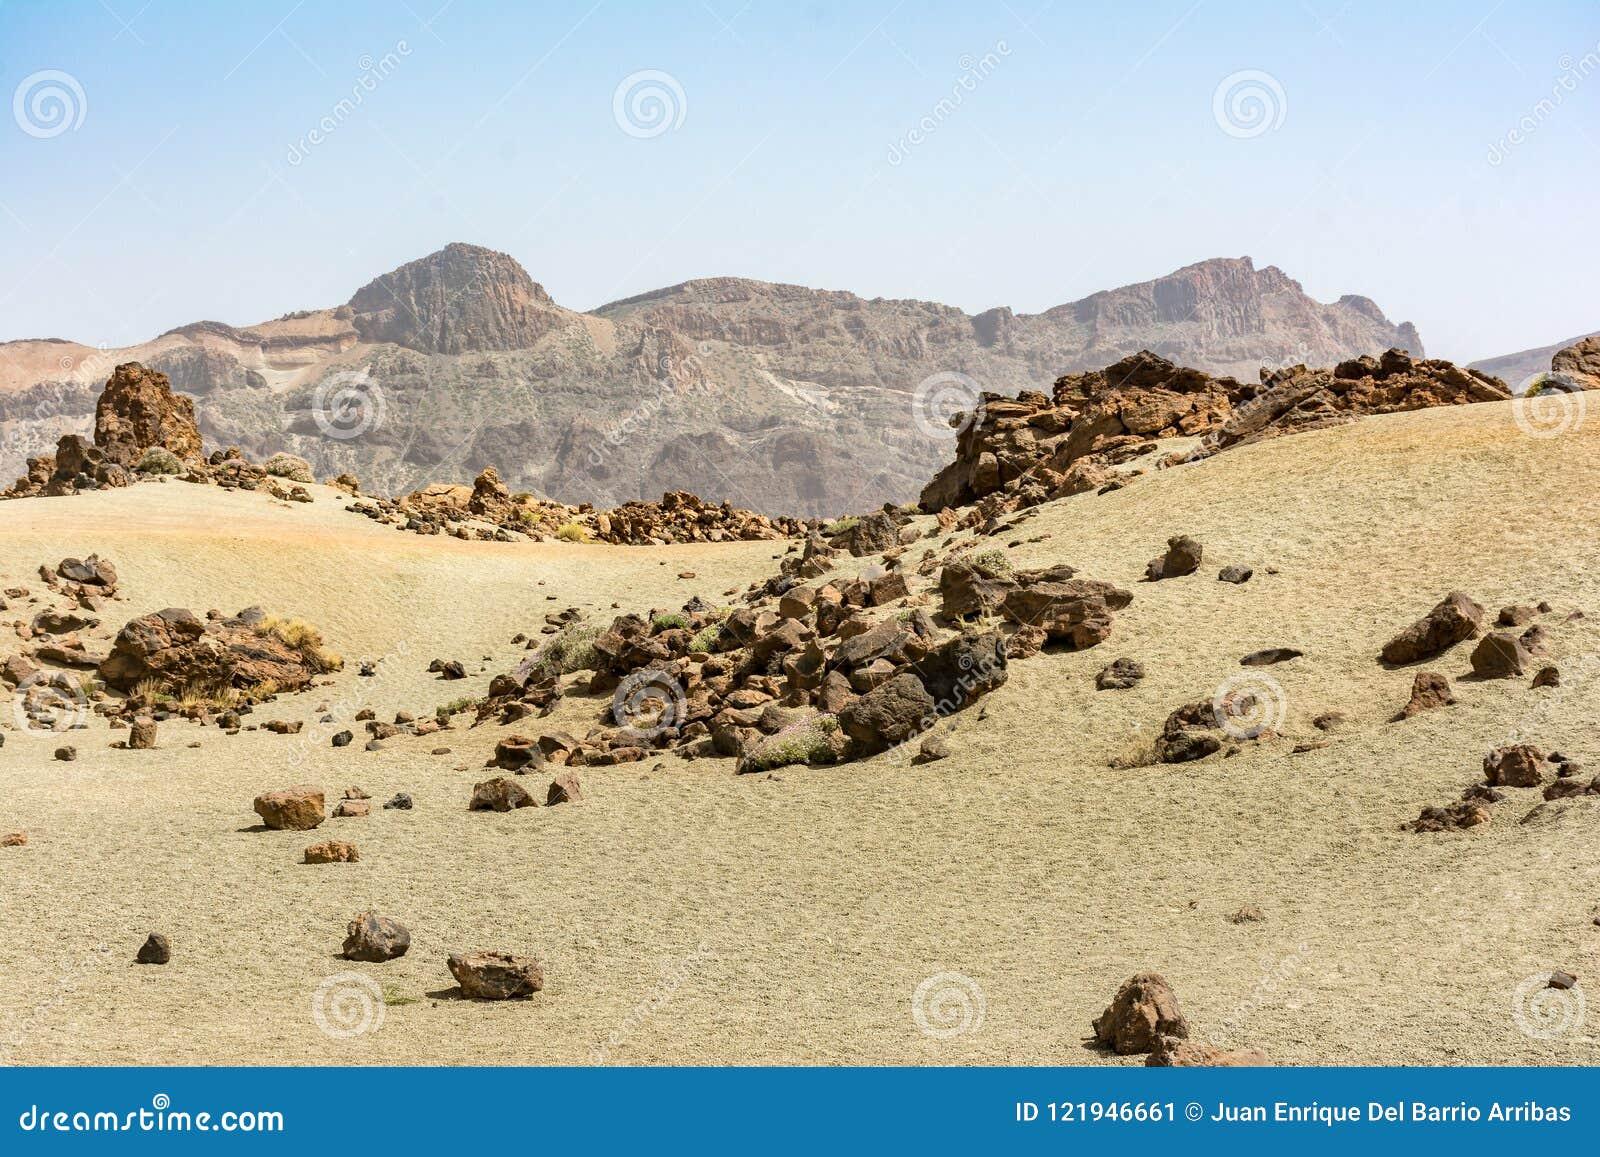 Το εθνικό πάρκο Teide καταλαμβάνει την υψηλότερη περιοχή του νησιού Tenerife στα Κανάρια νησιά και την Ισπανία